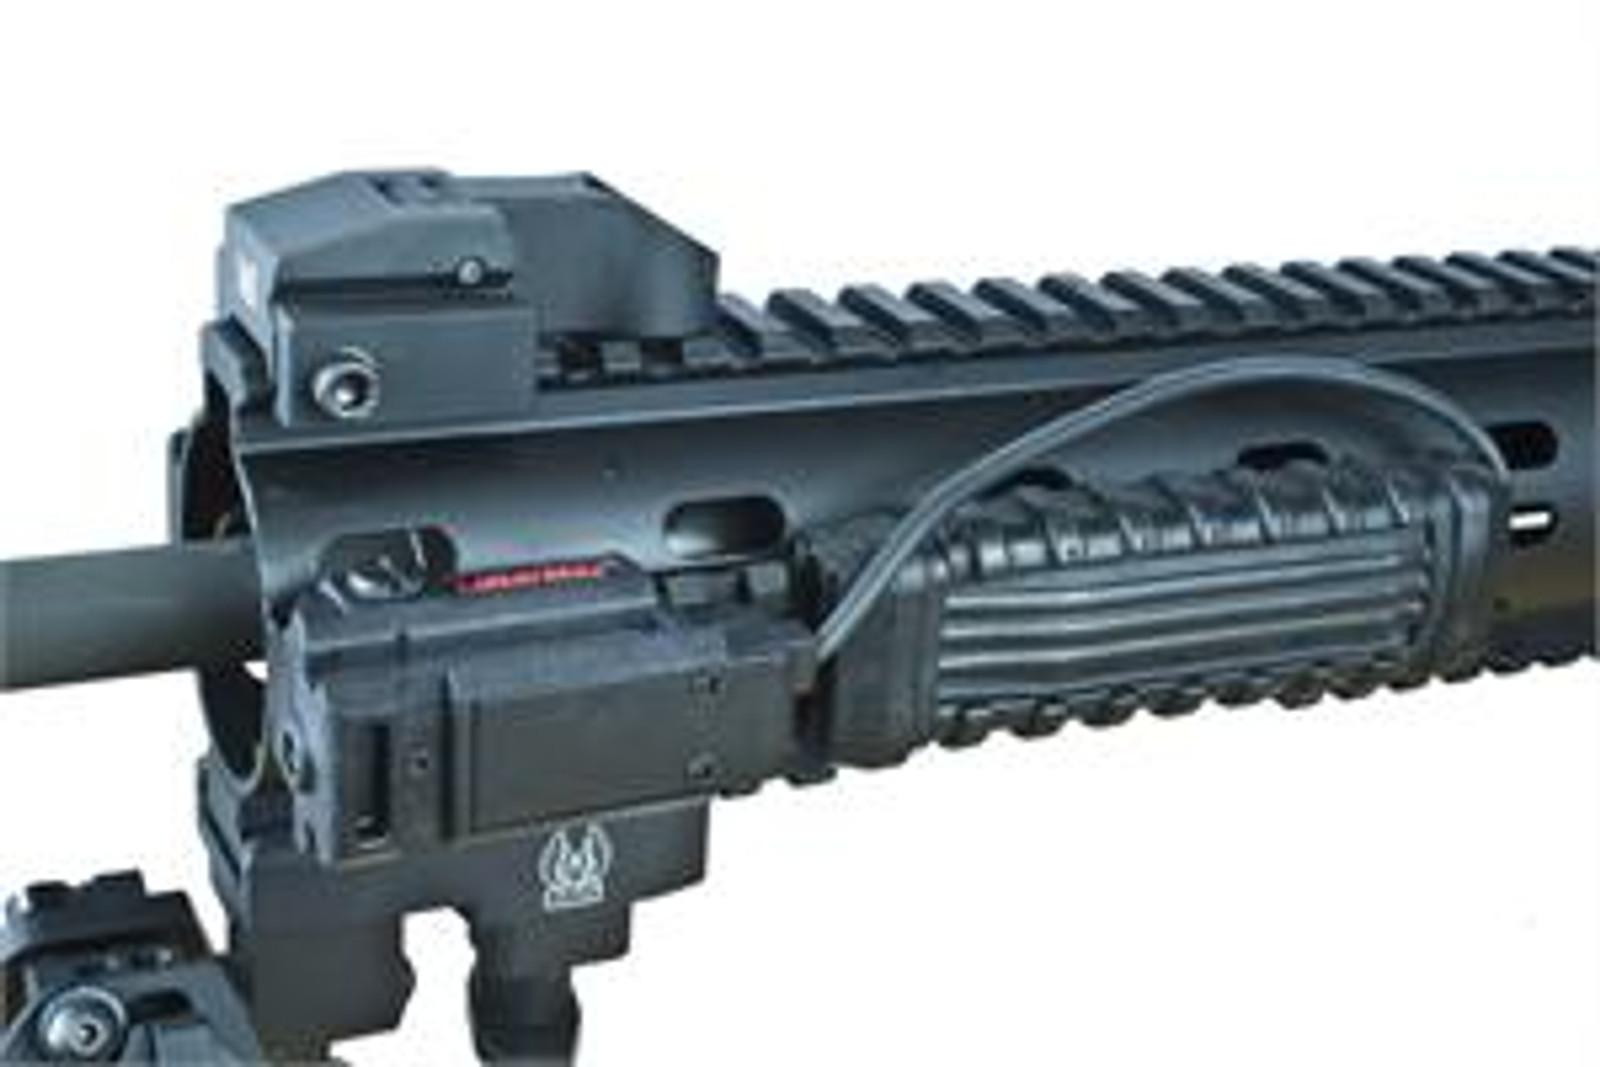 Civilian Legal IR (Infrared) Laser Rifle Kit